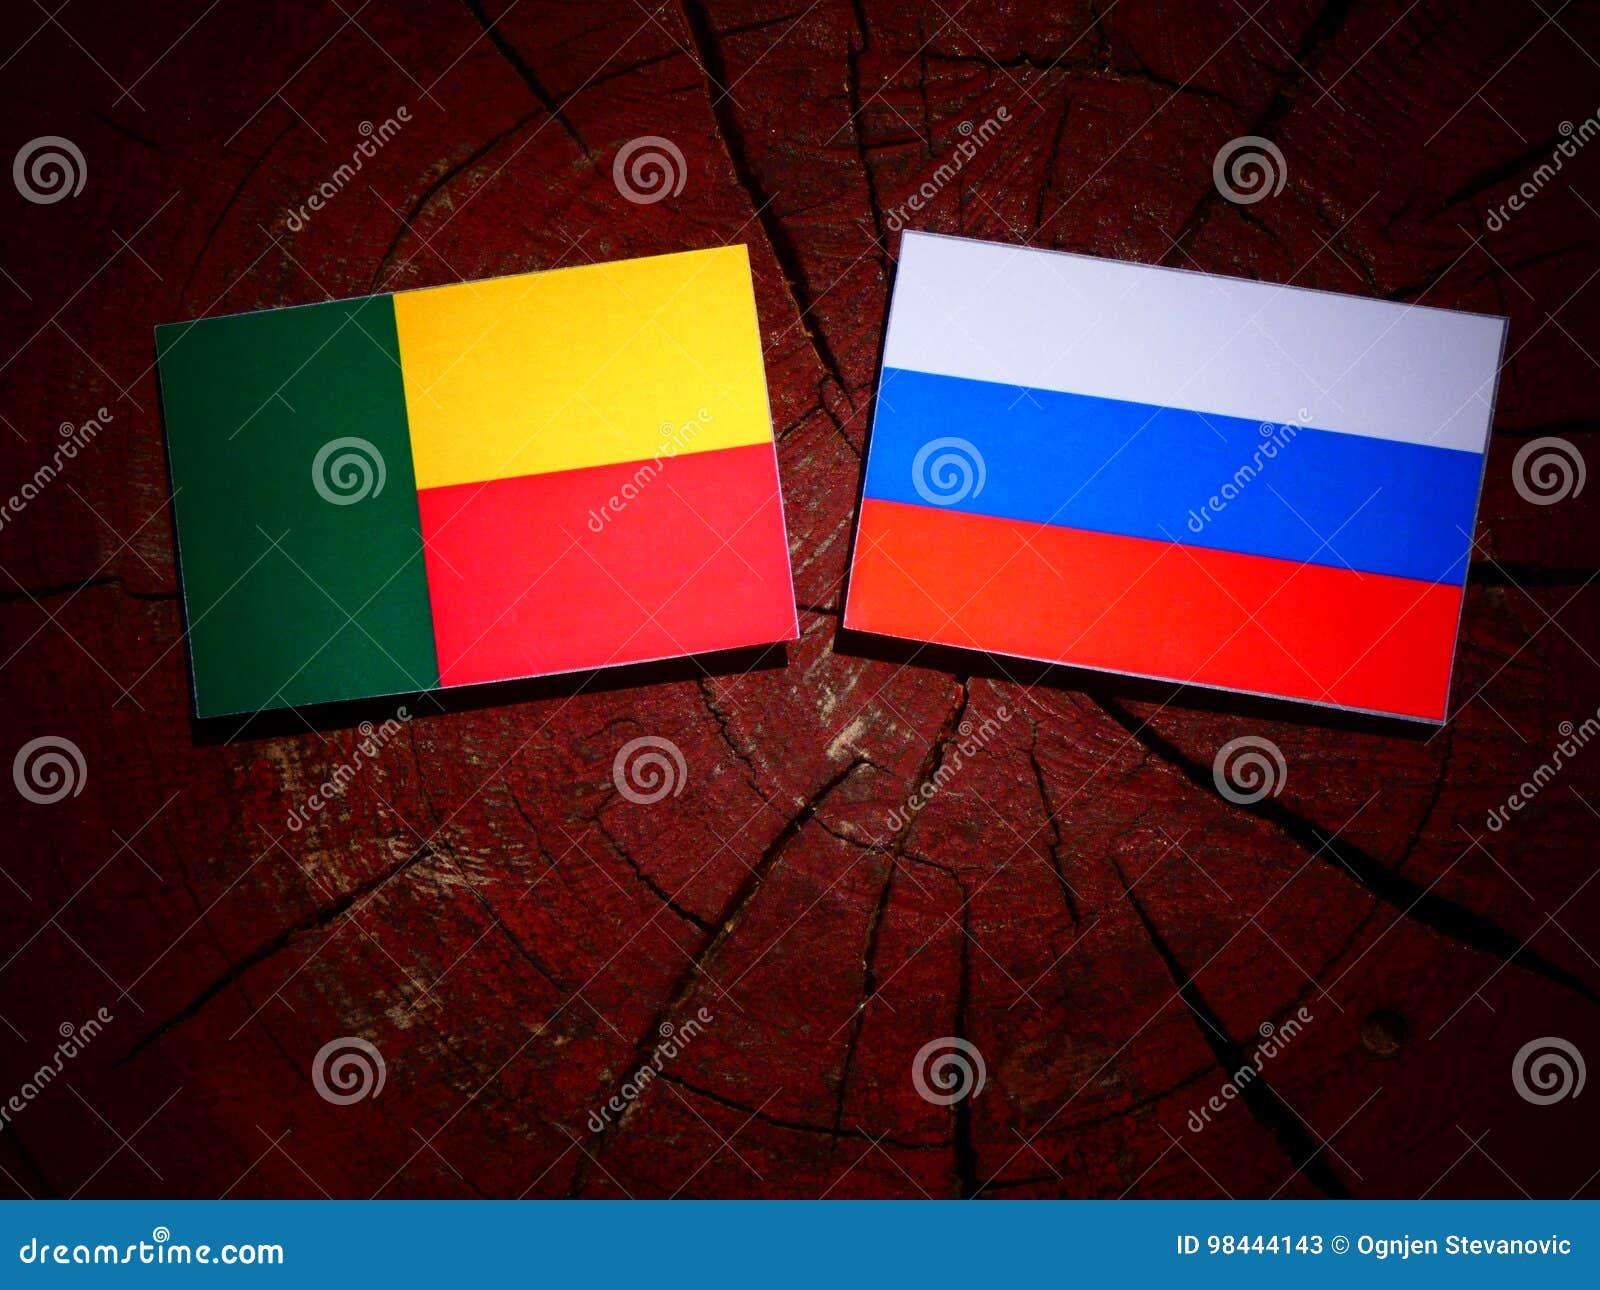 Benin vlag met Russische vlag op een boomstomp